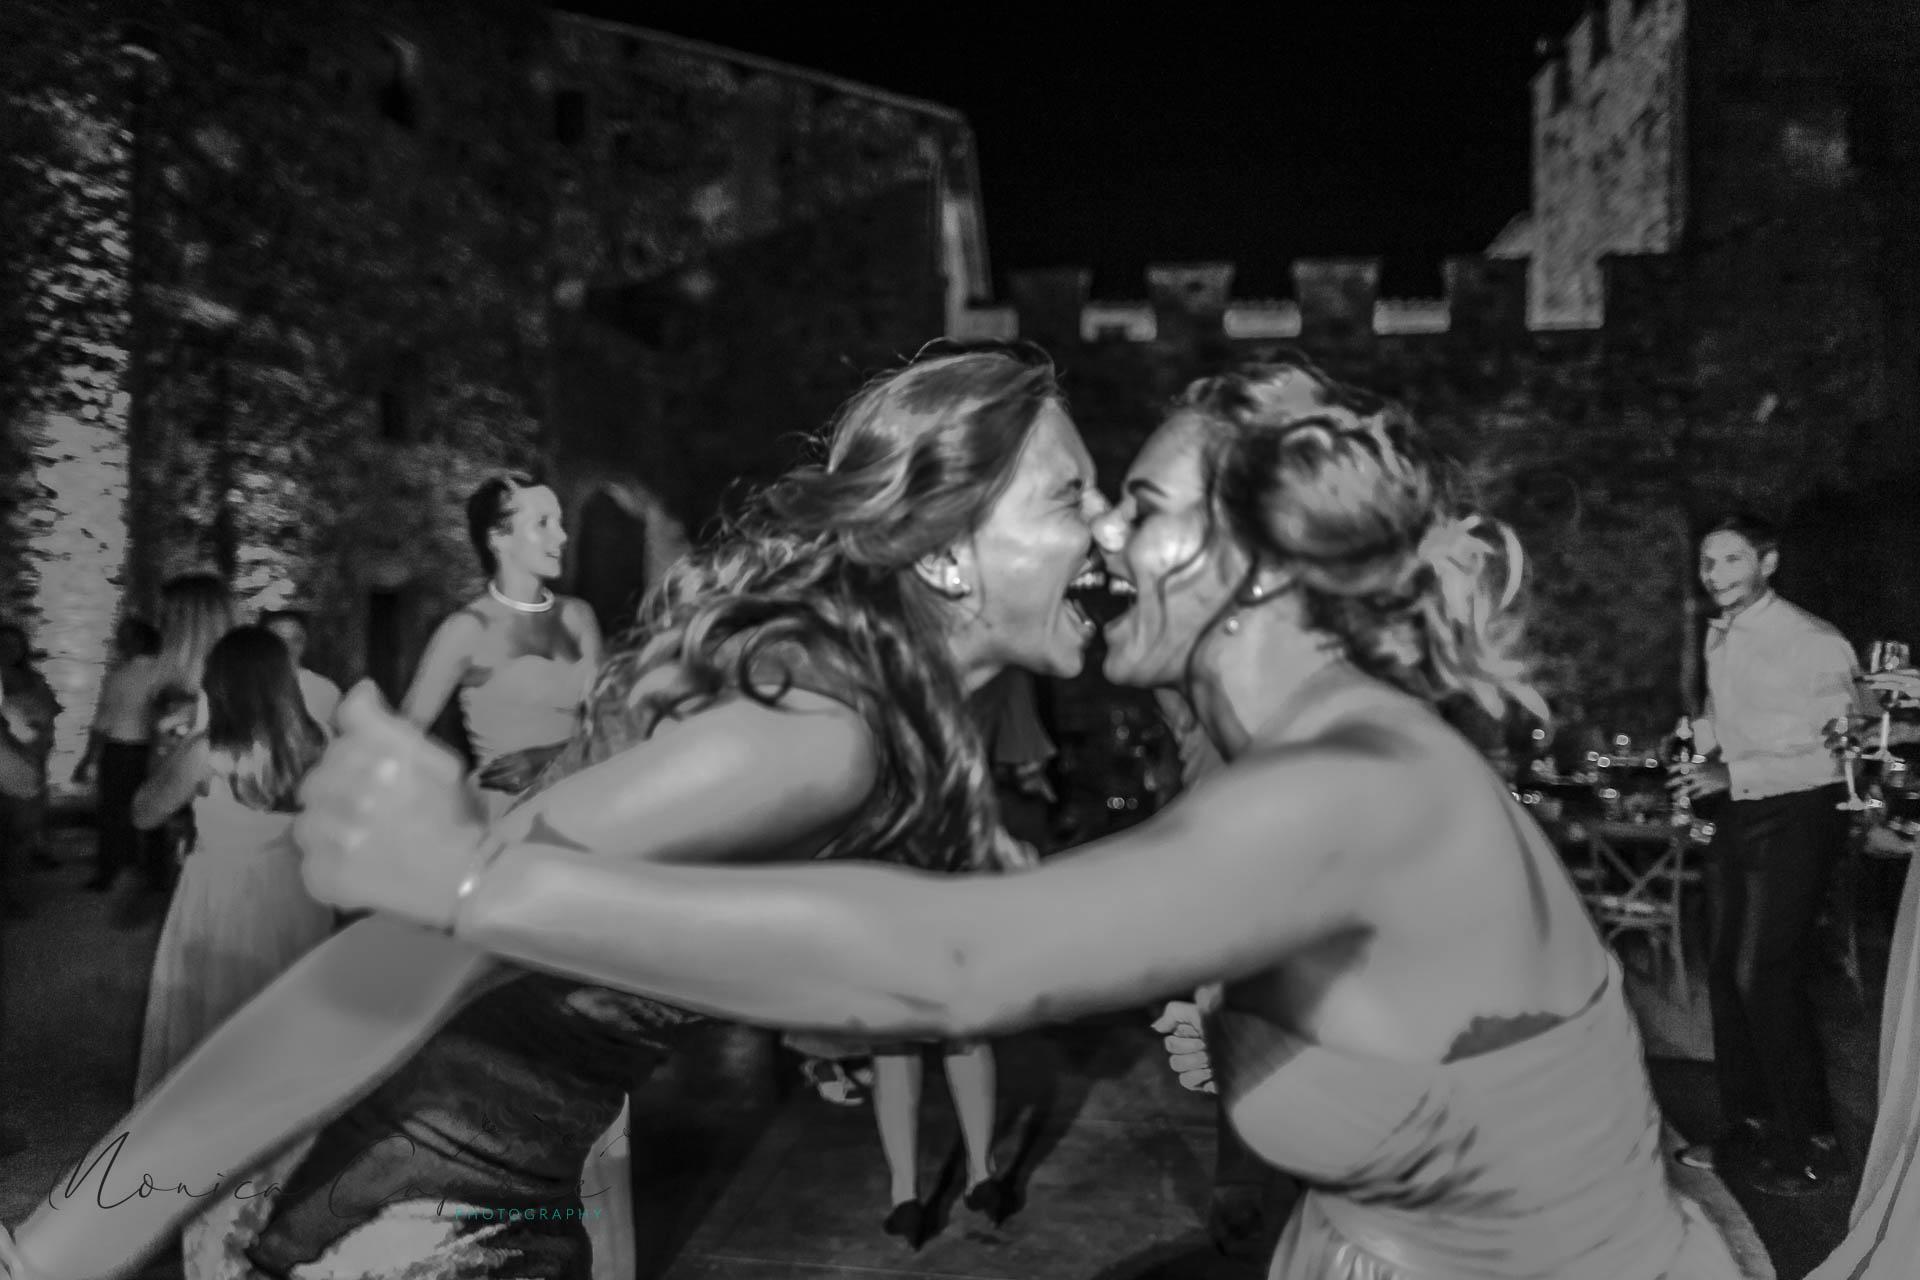 fotografo-reportage-di-matrimonio